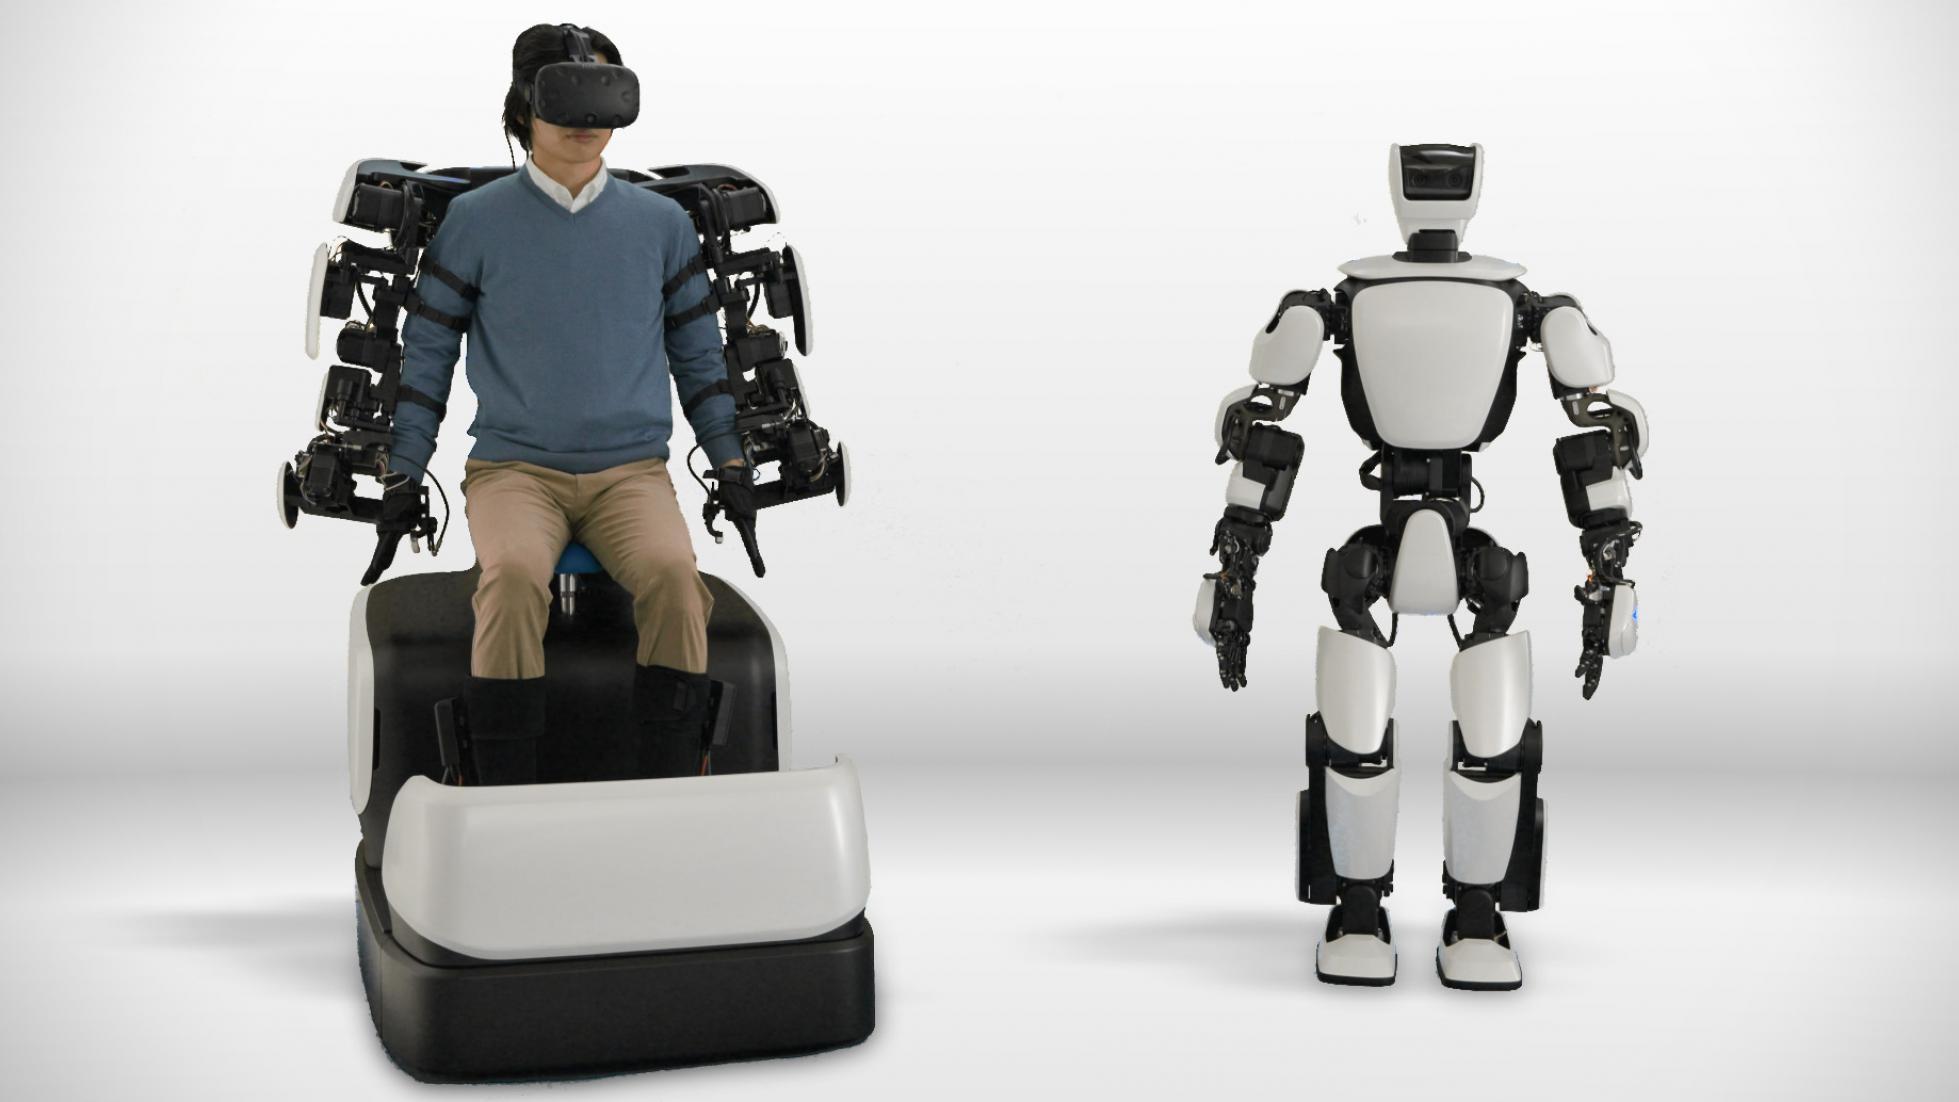 تویوتا برای کمک به مردم روبات میسازد